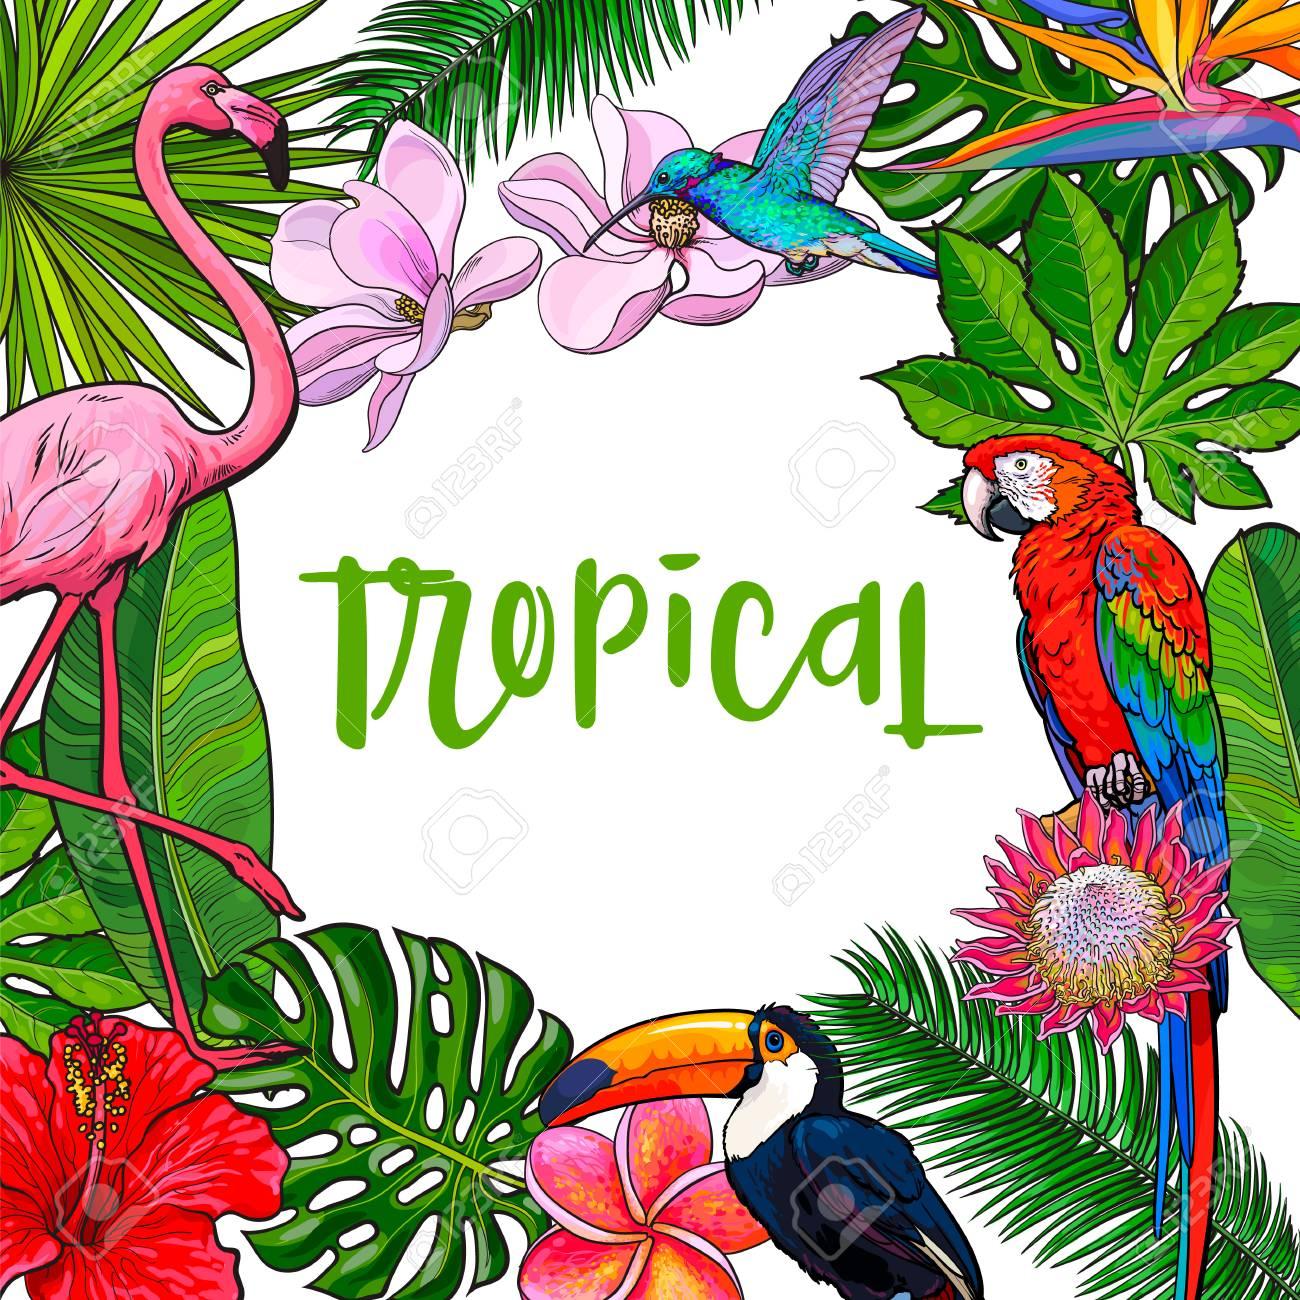 Banner Enmarcado Con Hojas De Palmeras Tropicales, Pájaros, Flores ...